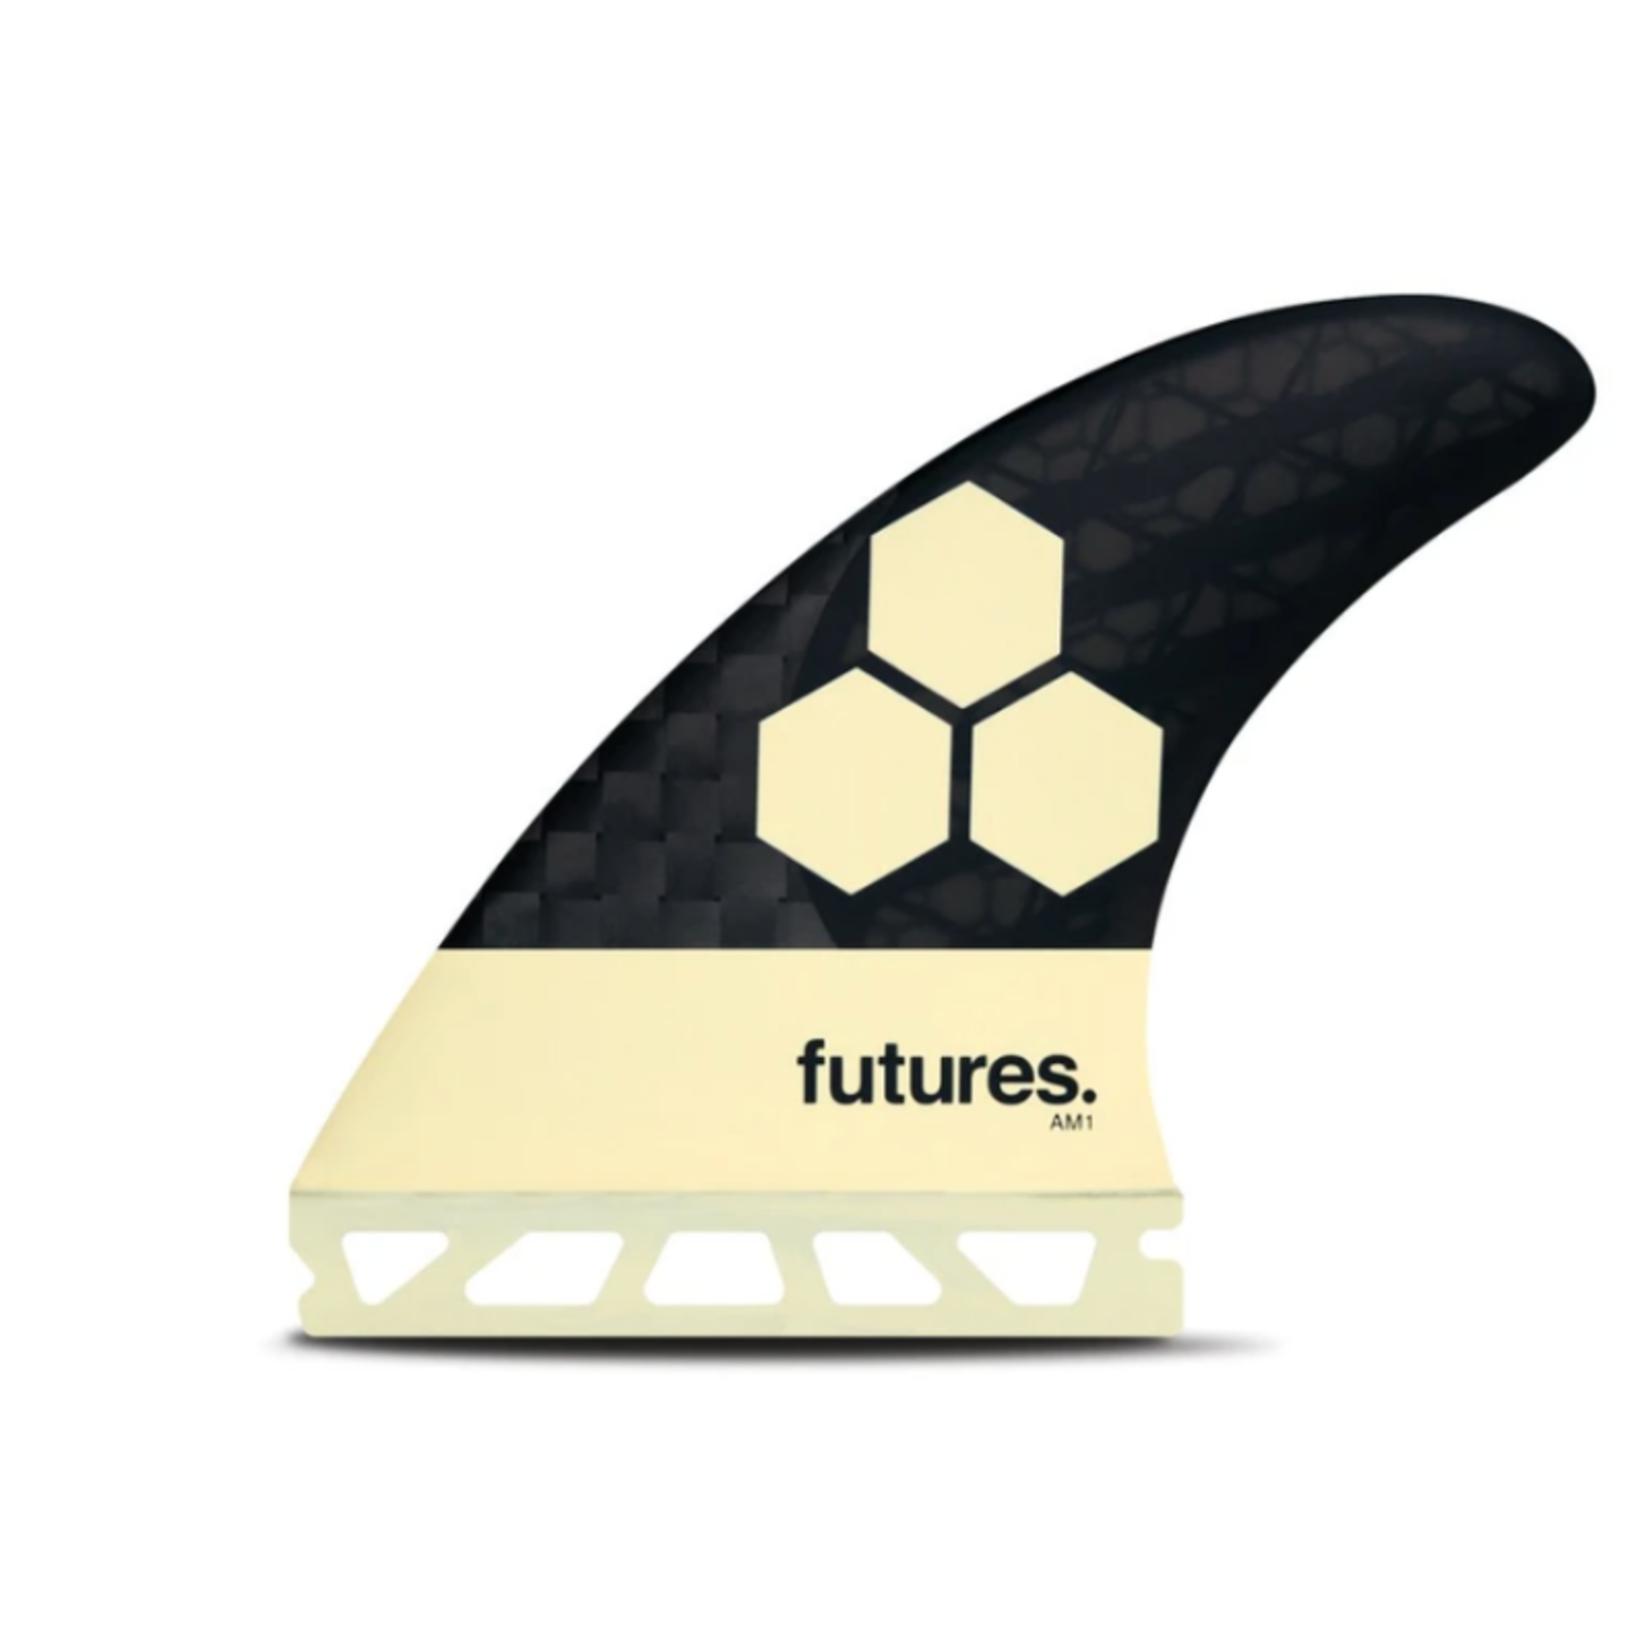 Futures. Futures Fin V2AM1 Blackstix 3.0 Thruster